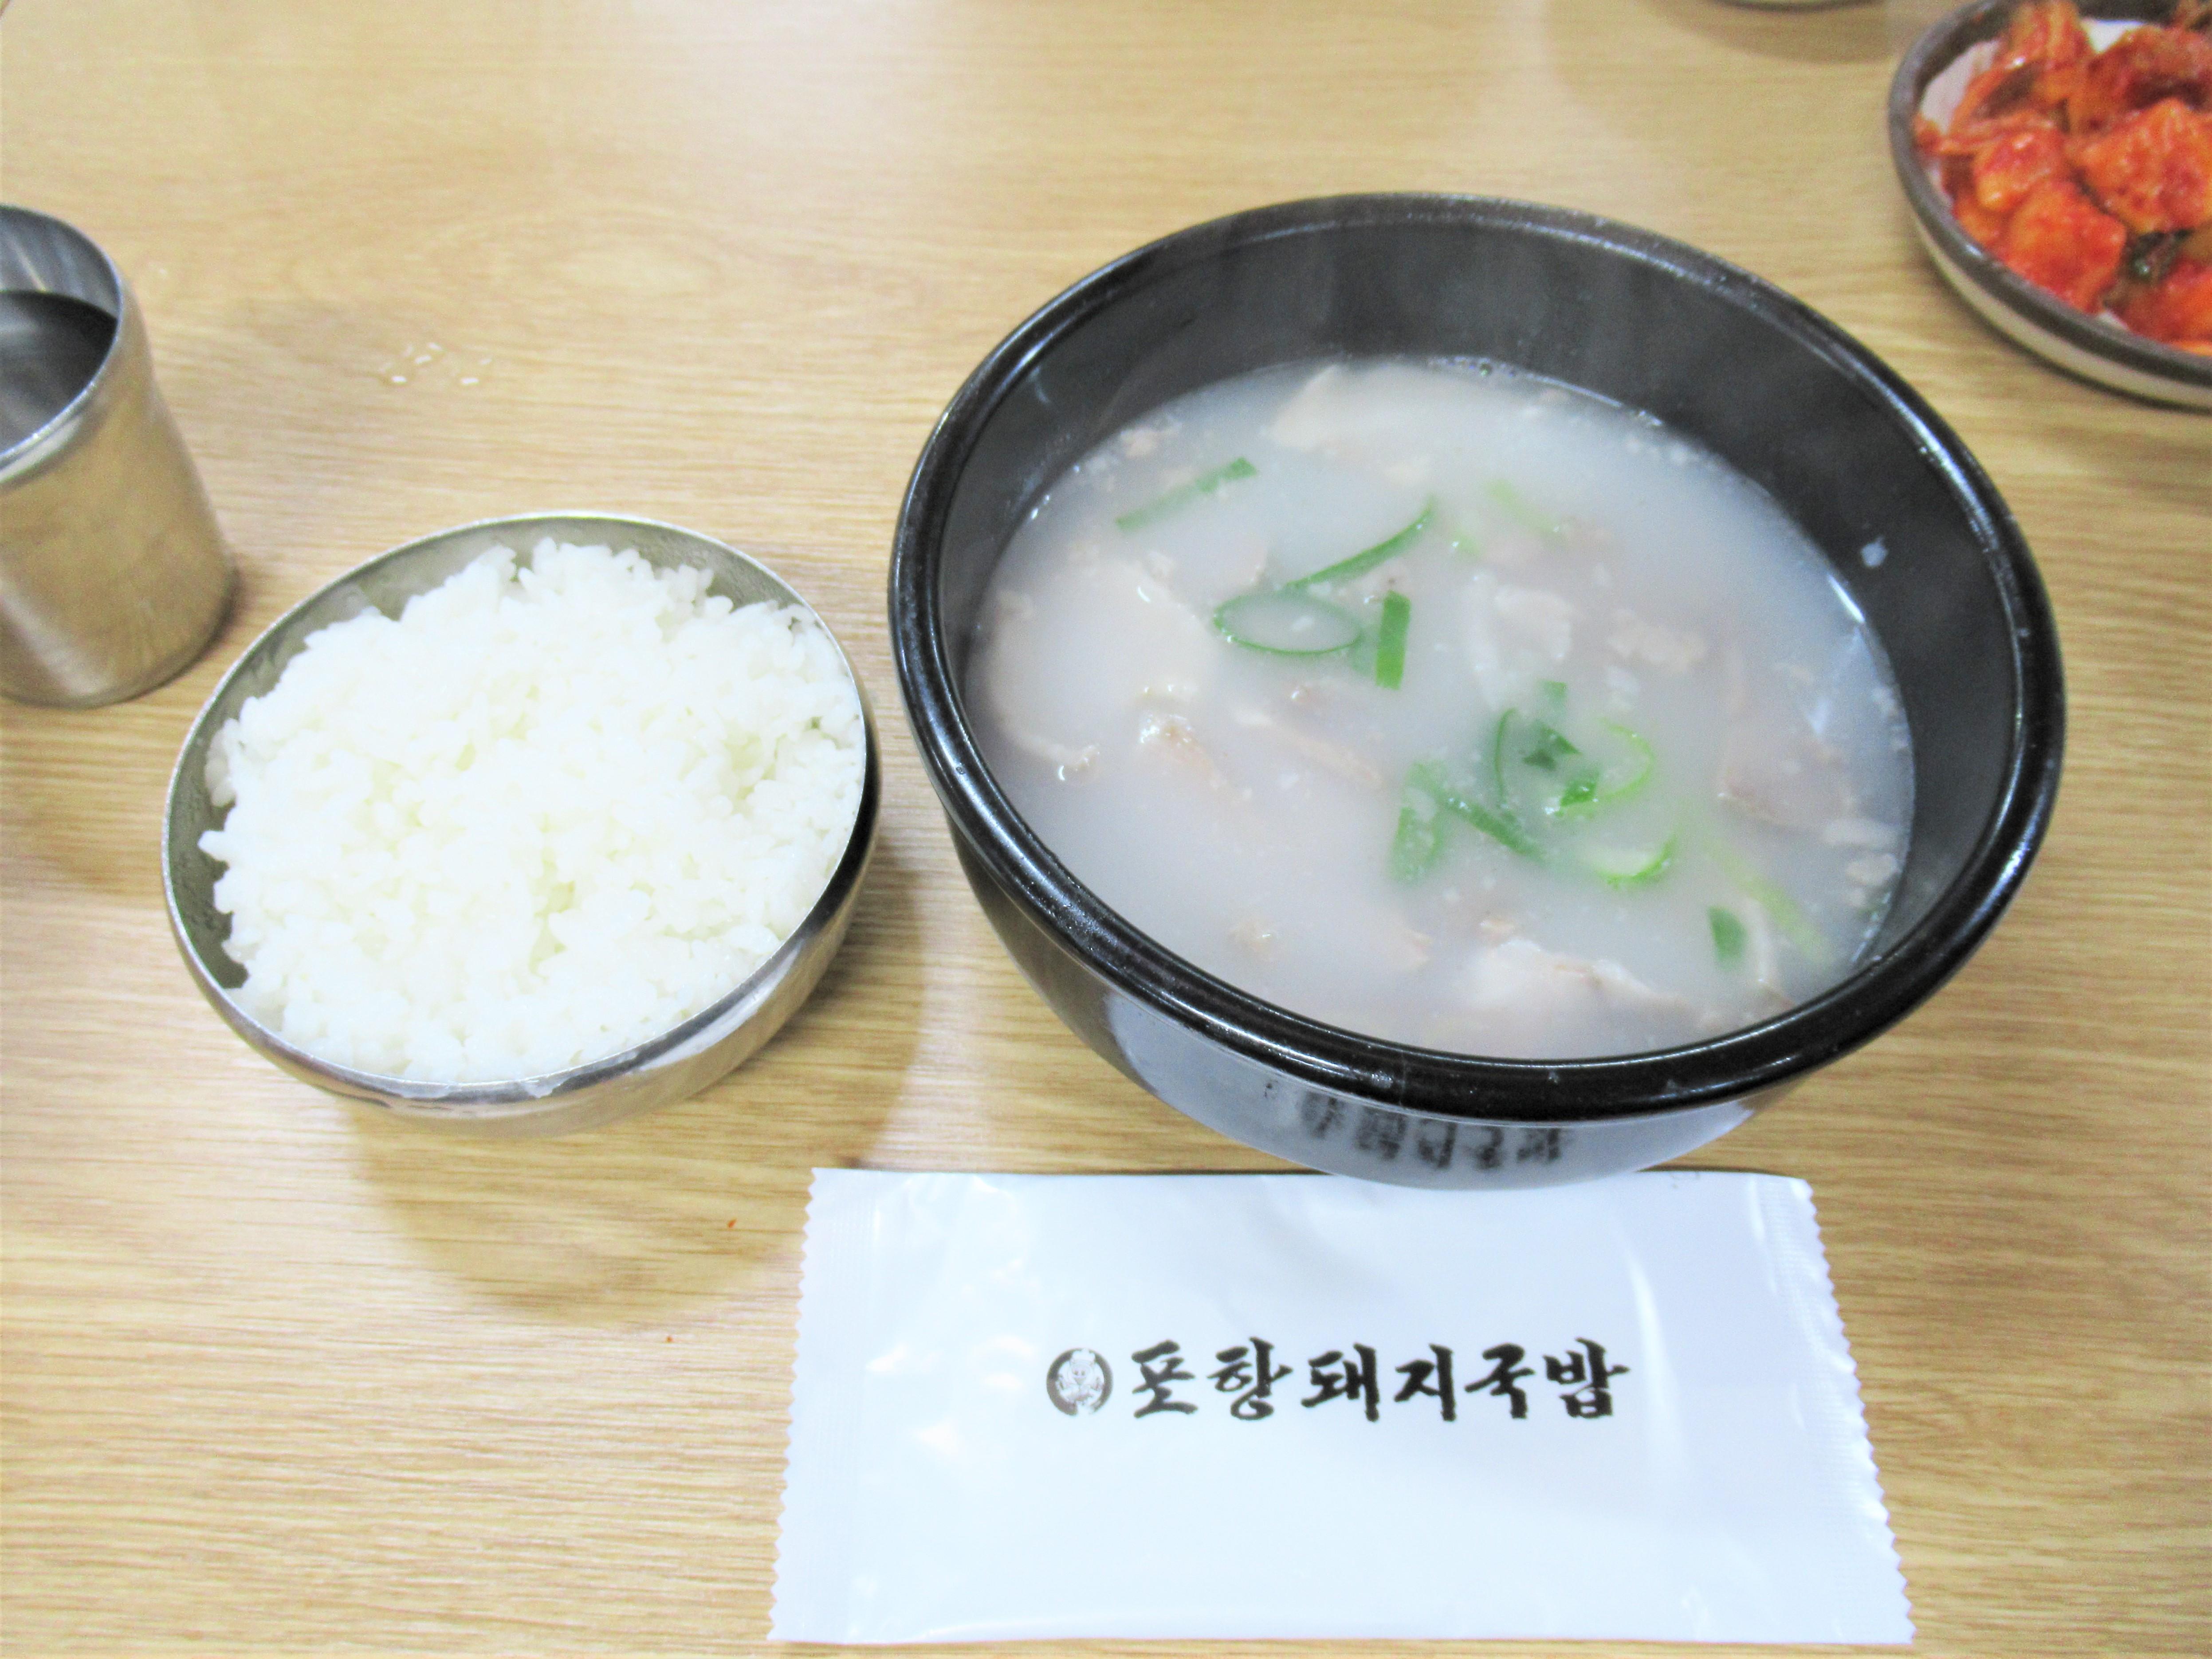 韓国で食べるスープは美味しくない?お好みの味で美味しく食べる方法|旅ブログ